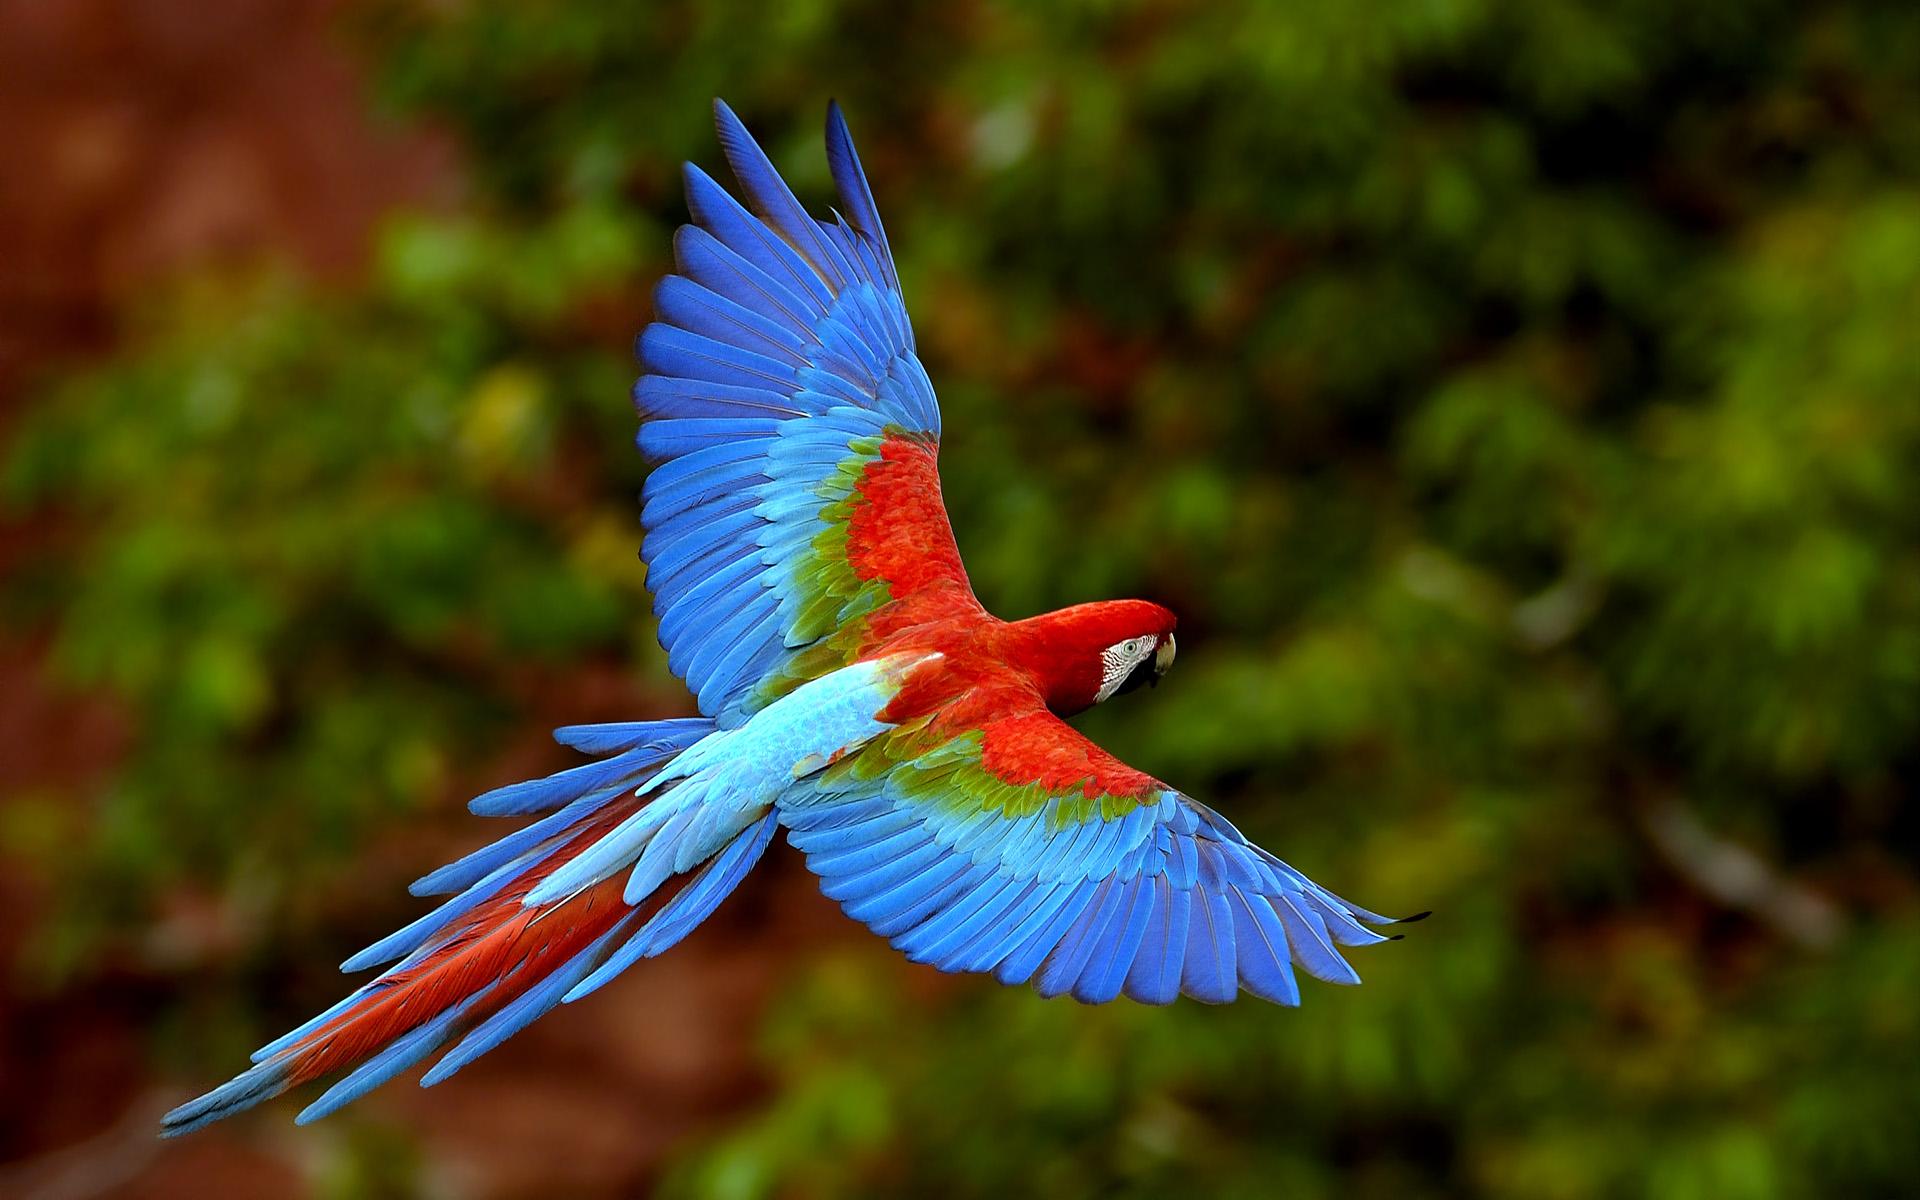 http://2.bp.blogspot.com/-FdDr6vr26u4/TsfHfD6m5wI/AAAAAAAAZ3g/UIh507tB3vU/d/windows+8+wallpapers+-+birds+1920x1200+%252818%2529.jpg